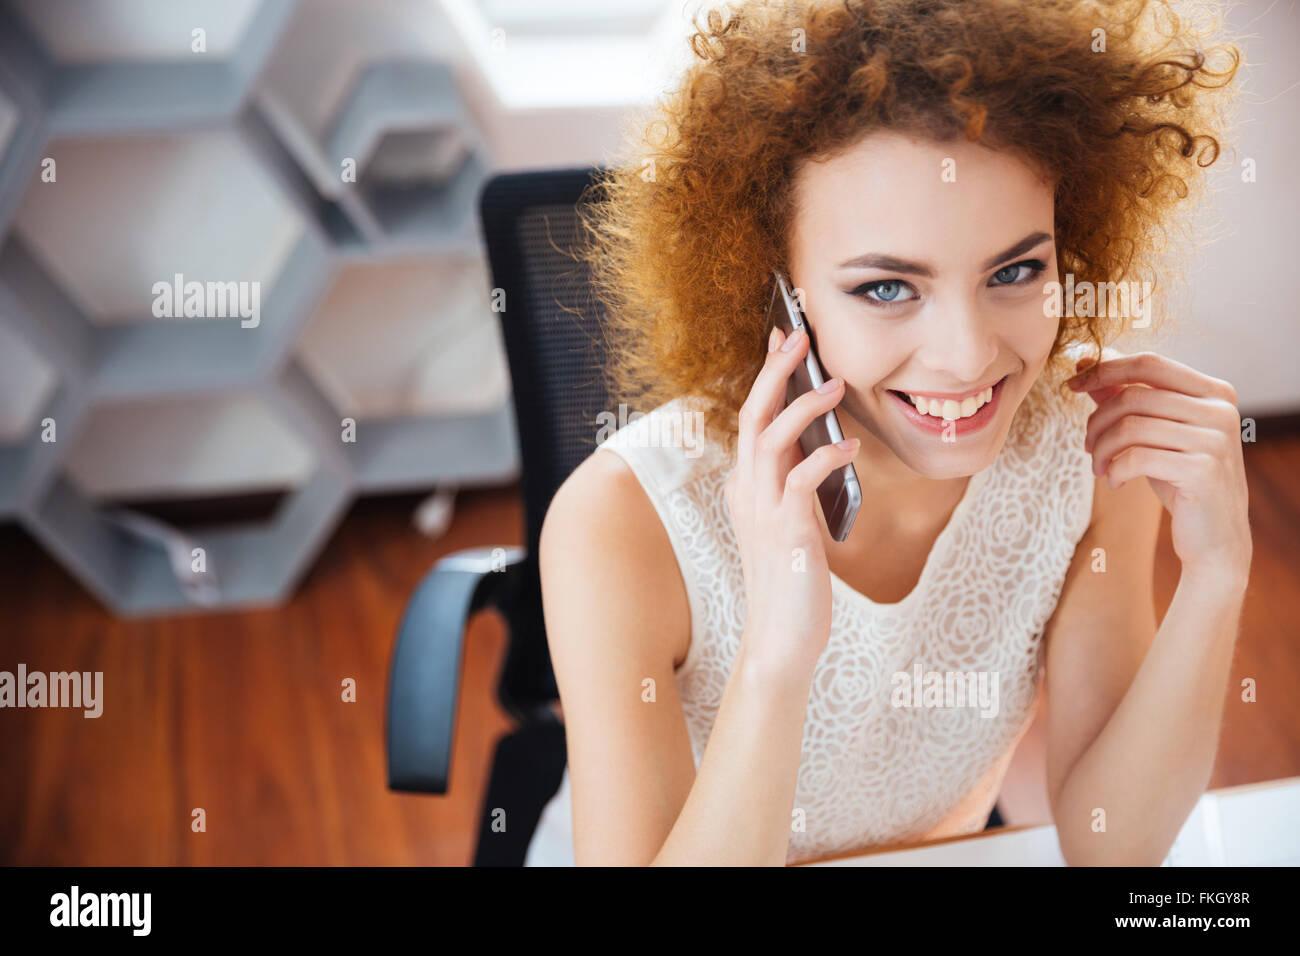 Lächelnden schönen Business-Frau mit lockigen roten Haaren telefonieren mit Handy am Arbeitsplatz im Büro Stockbild